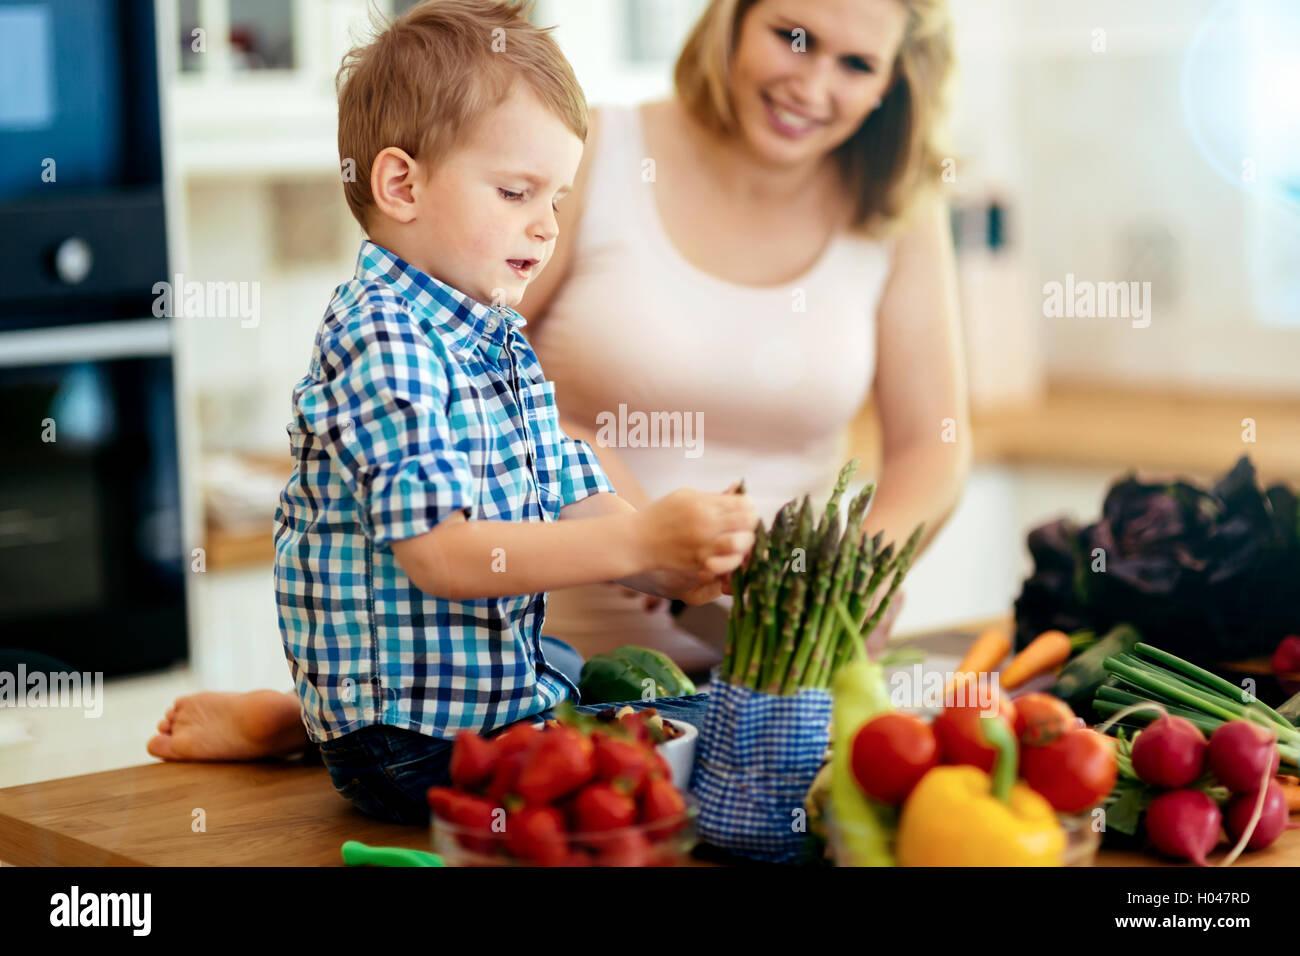 La mère et l'enfant préparer le déjeuner dans la cuisine Photo Stock